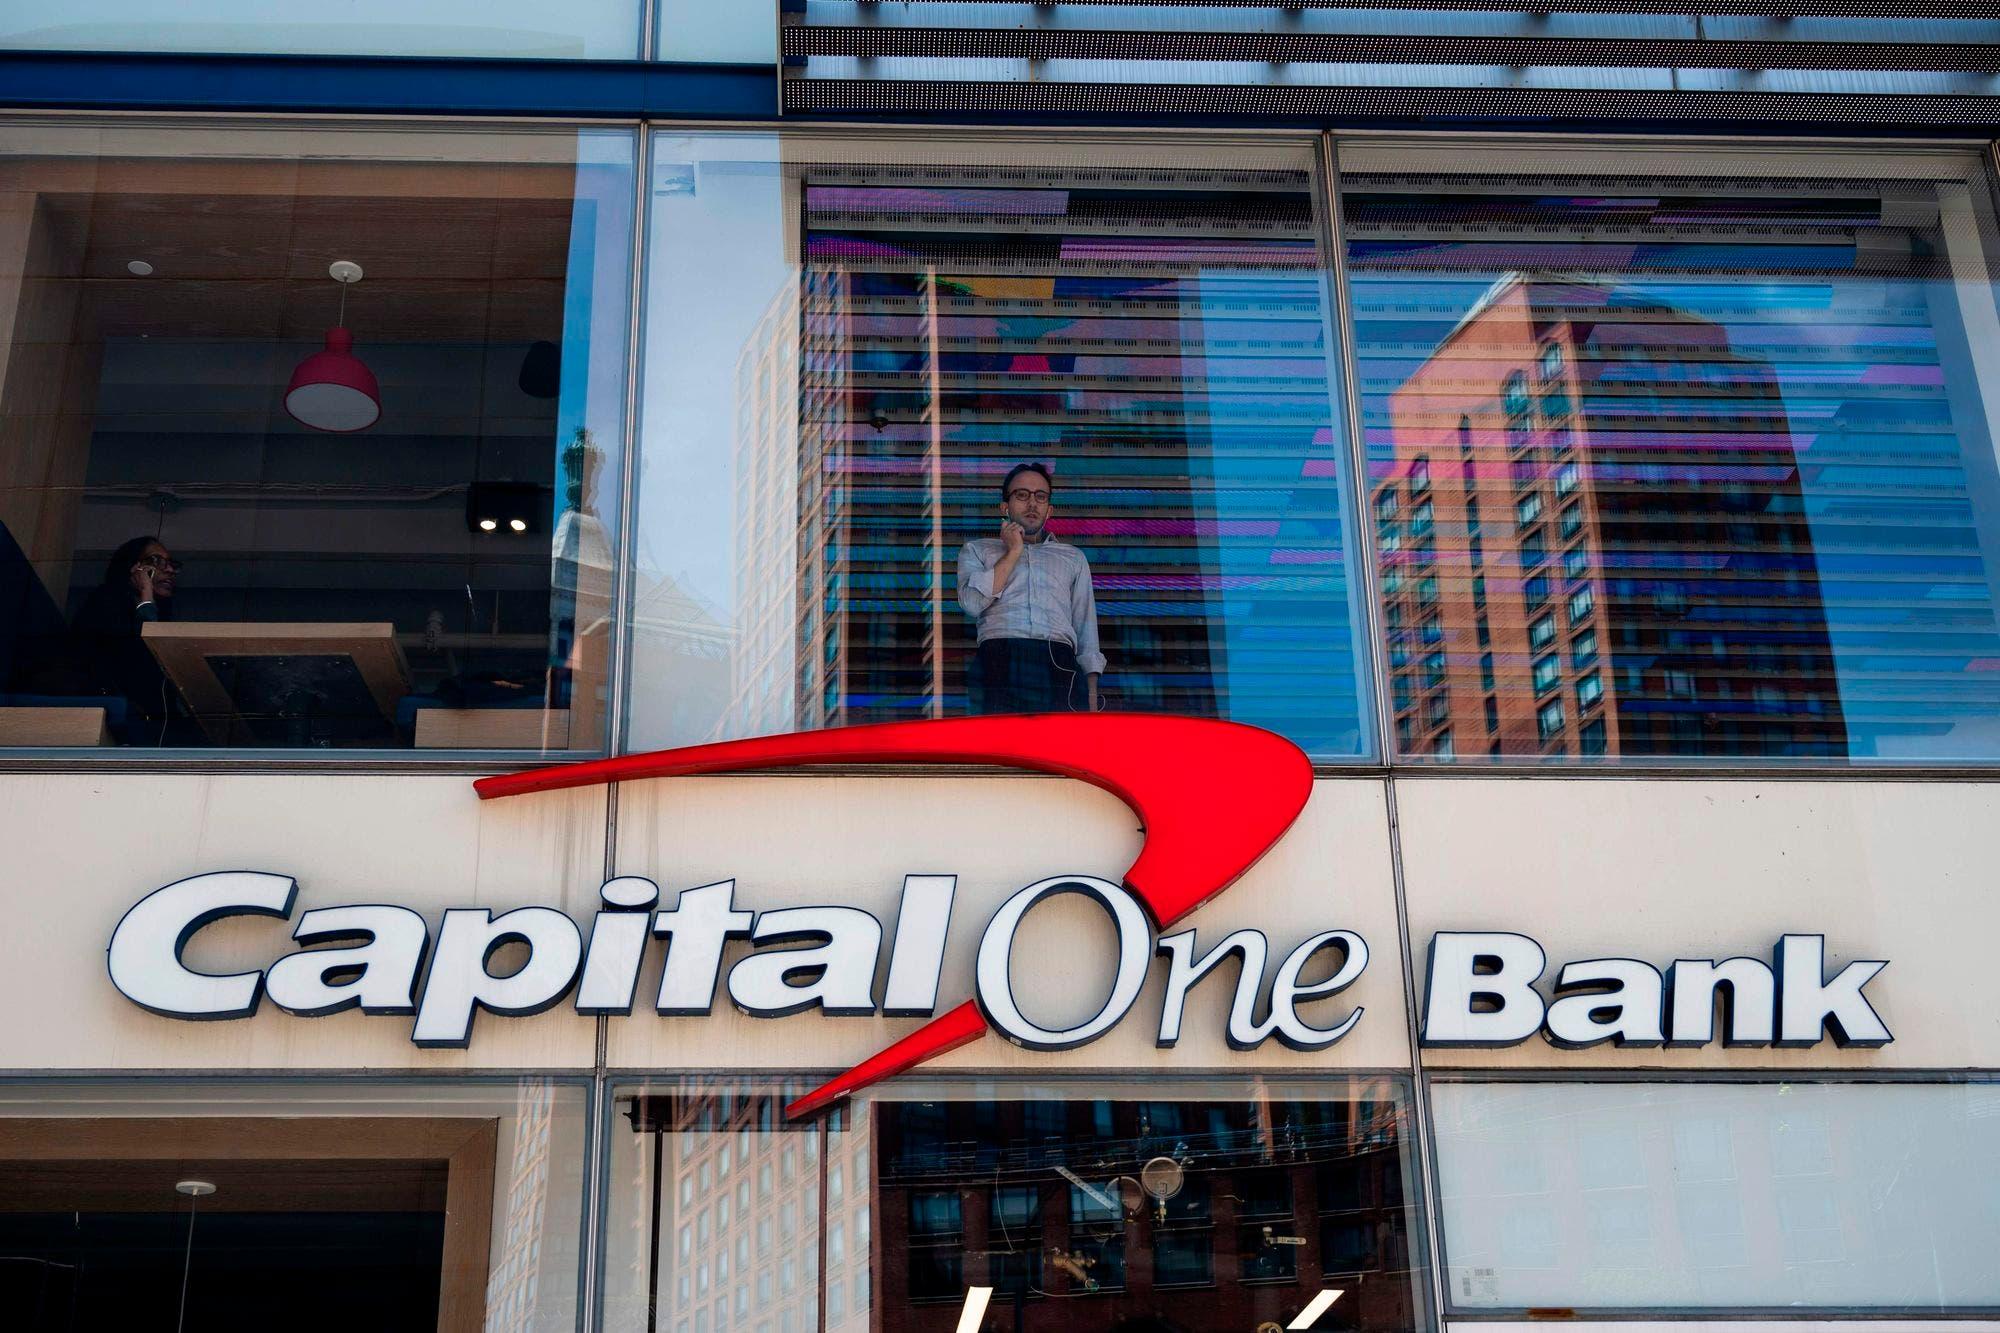 Roban los datos de 100 millones de clientes del banco Capital One en EE.UU.